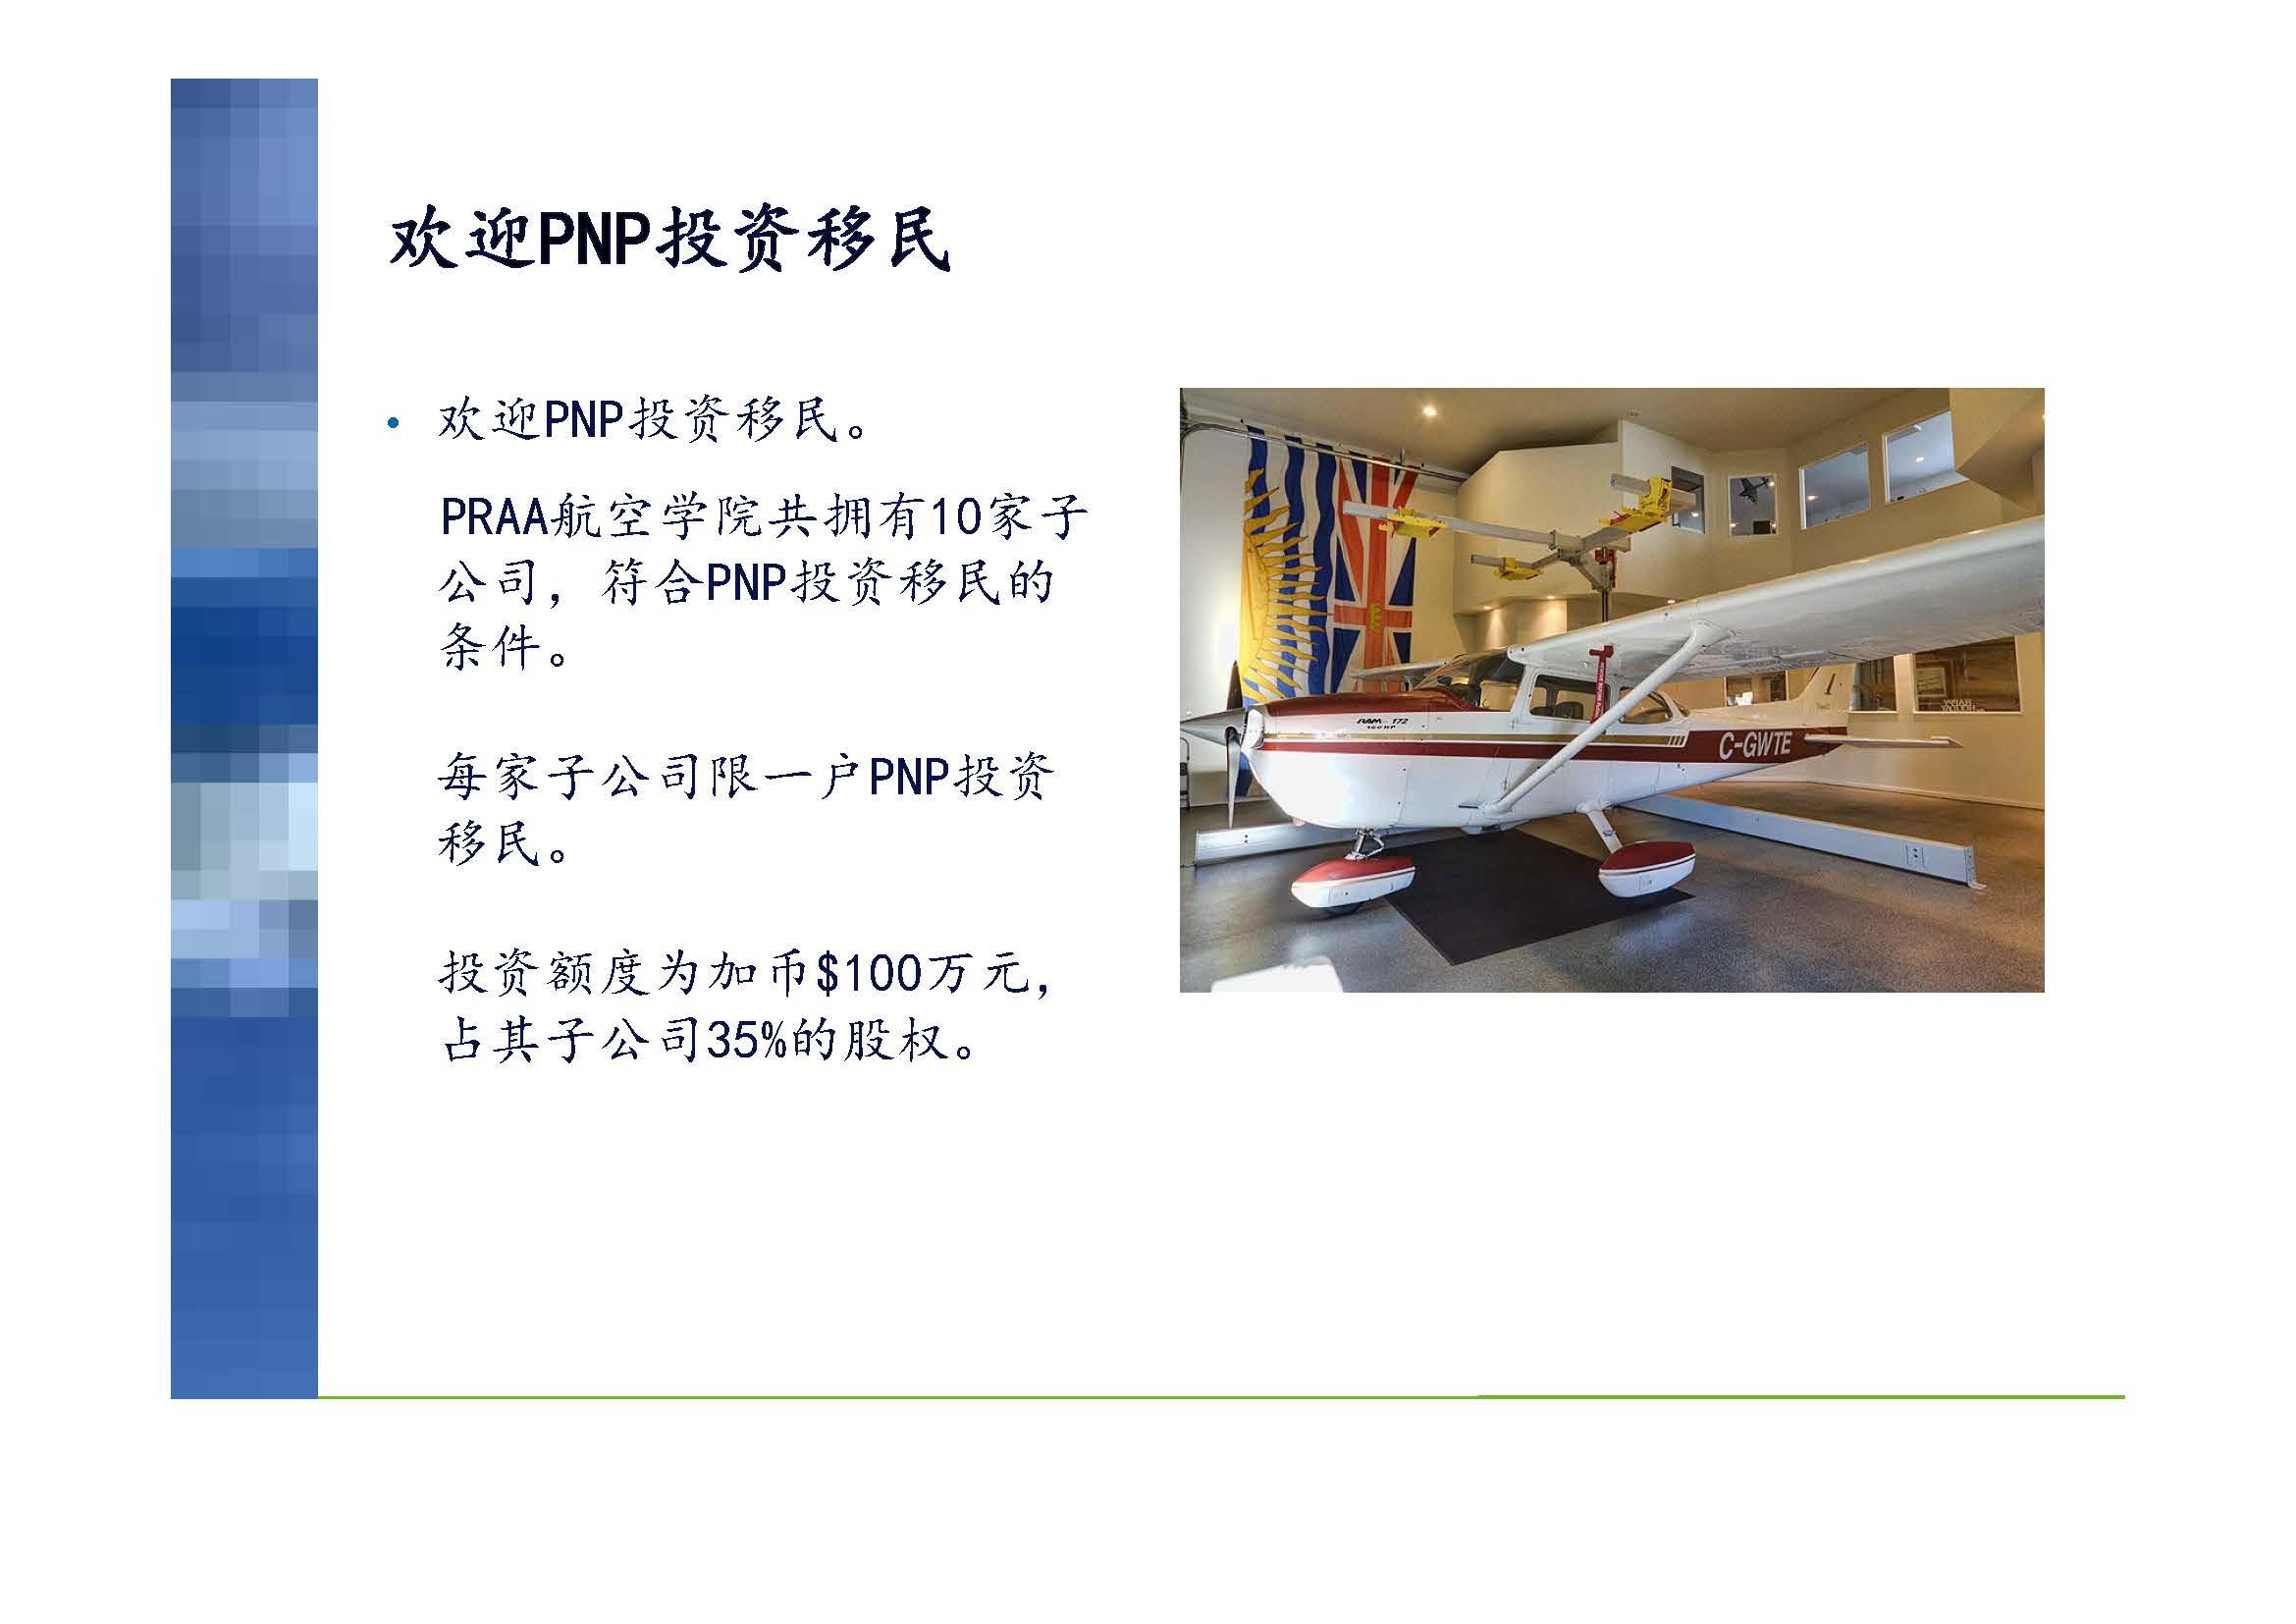 pnpjpg page 06